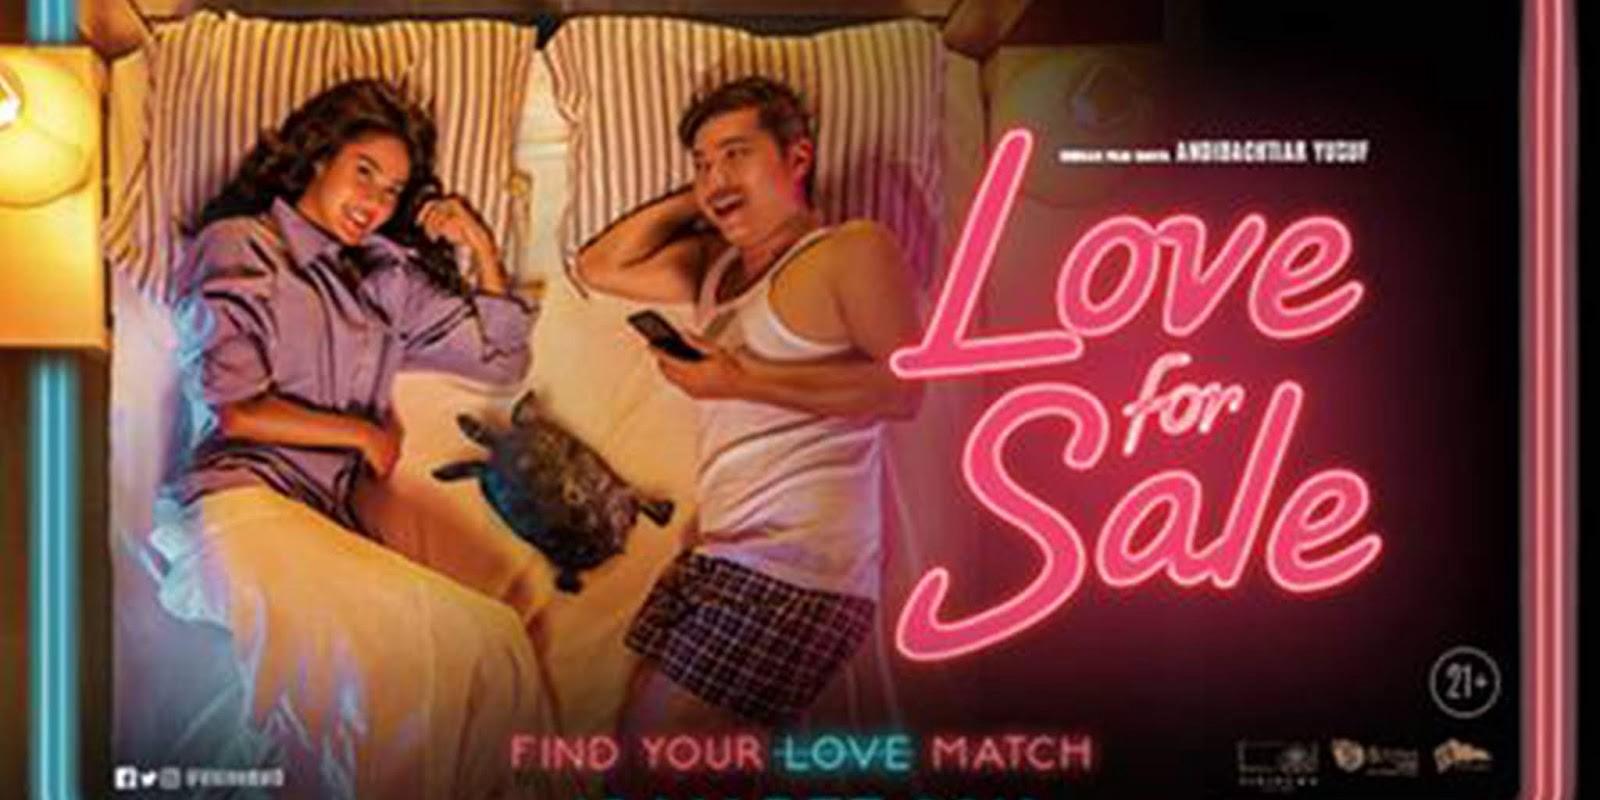 Familinia - Film Love For Sale 1 (2018)